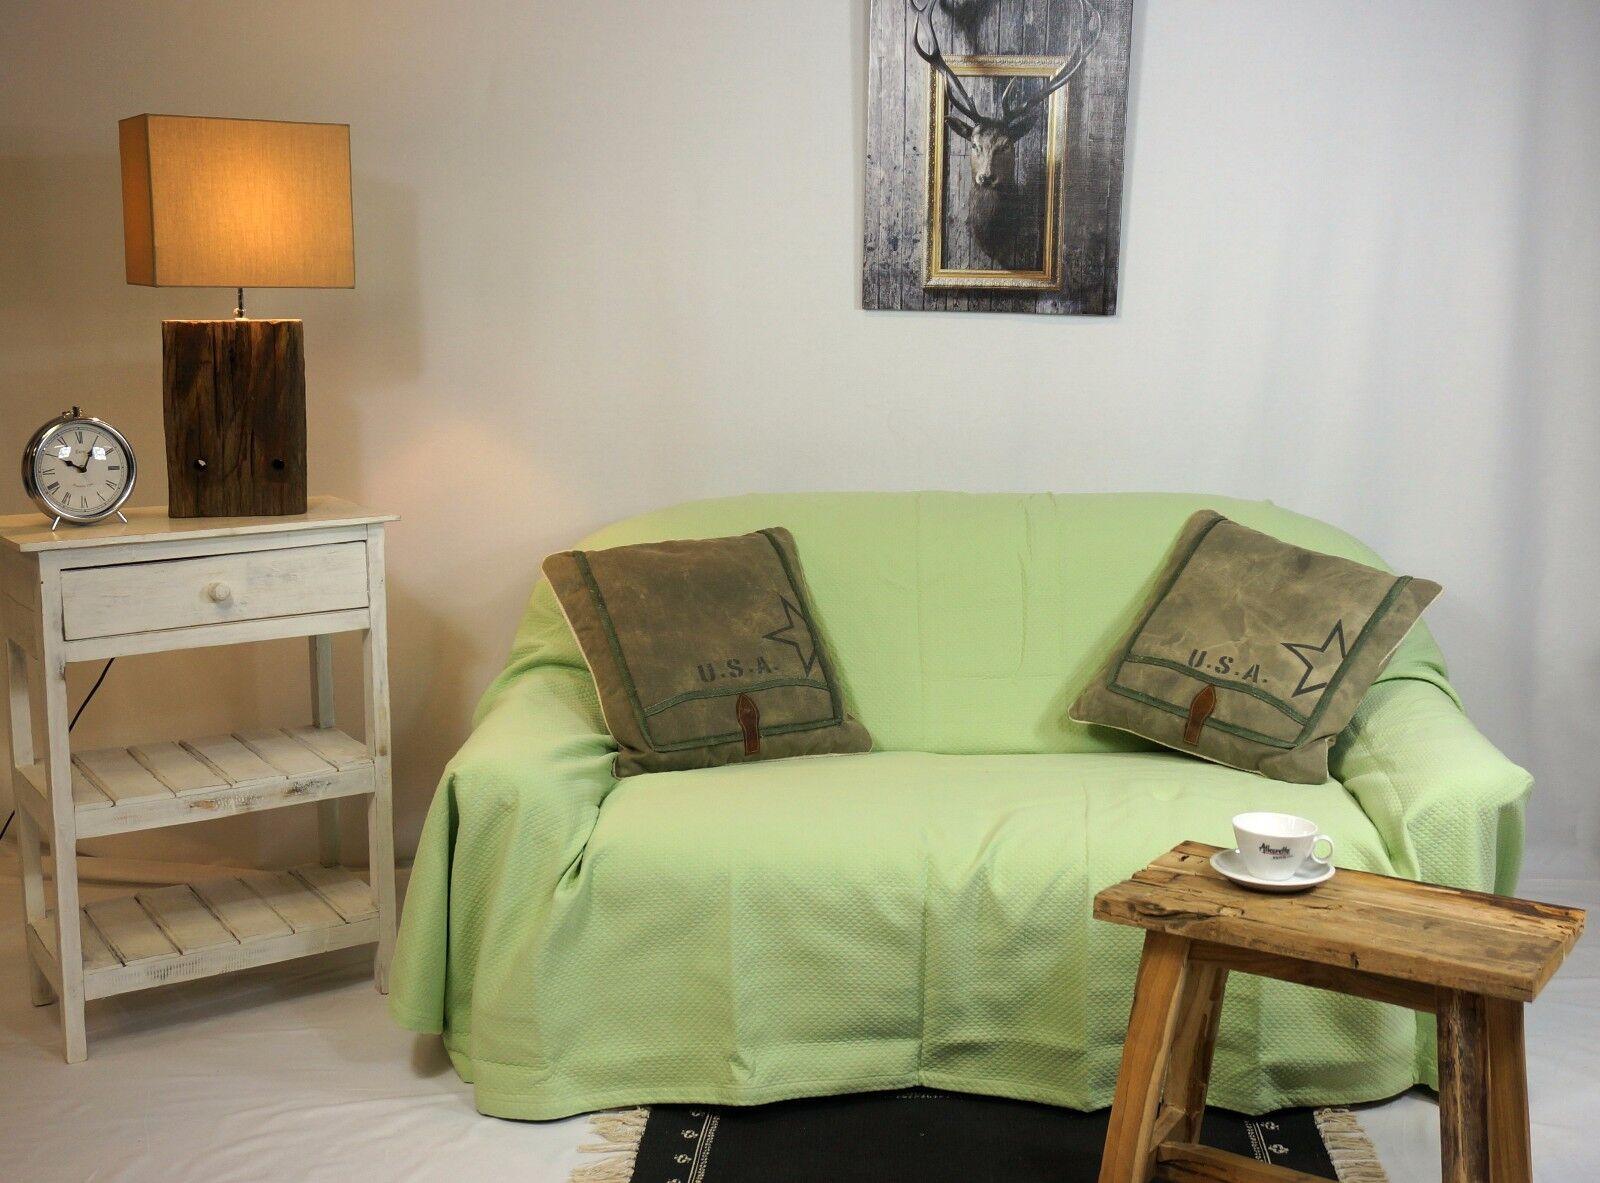 Waffeloptik Tagesdecke Sofadecke Überwurf Wohndecke Decke hellgrün 240 x 250 cm